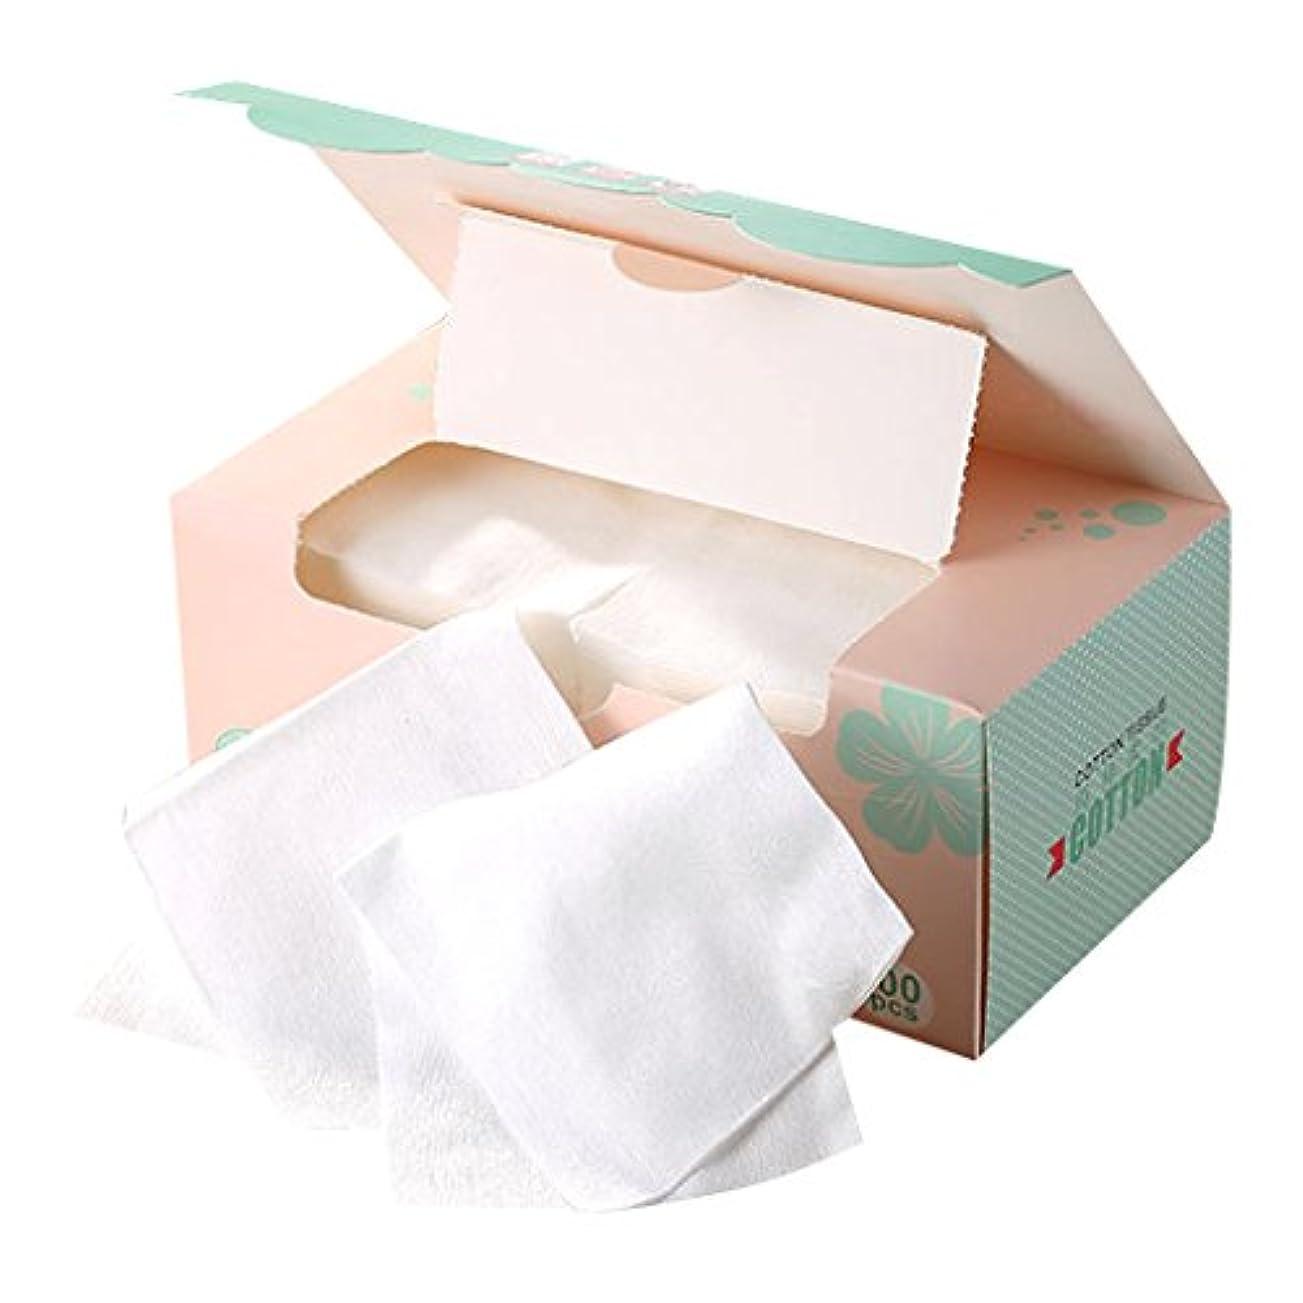 チキン正規化解明するSM SunniMix メイクリムーバー 使い捨て フェイスタオル 顔用タオル メイク落とし 美容院 家庭 個人 適用